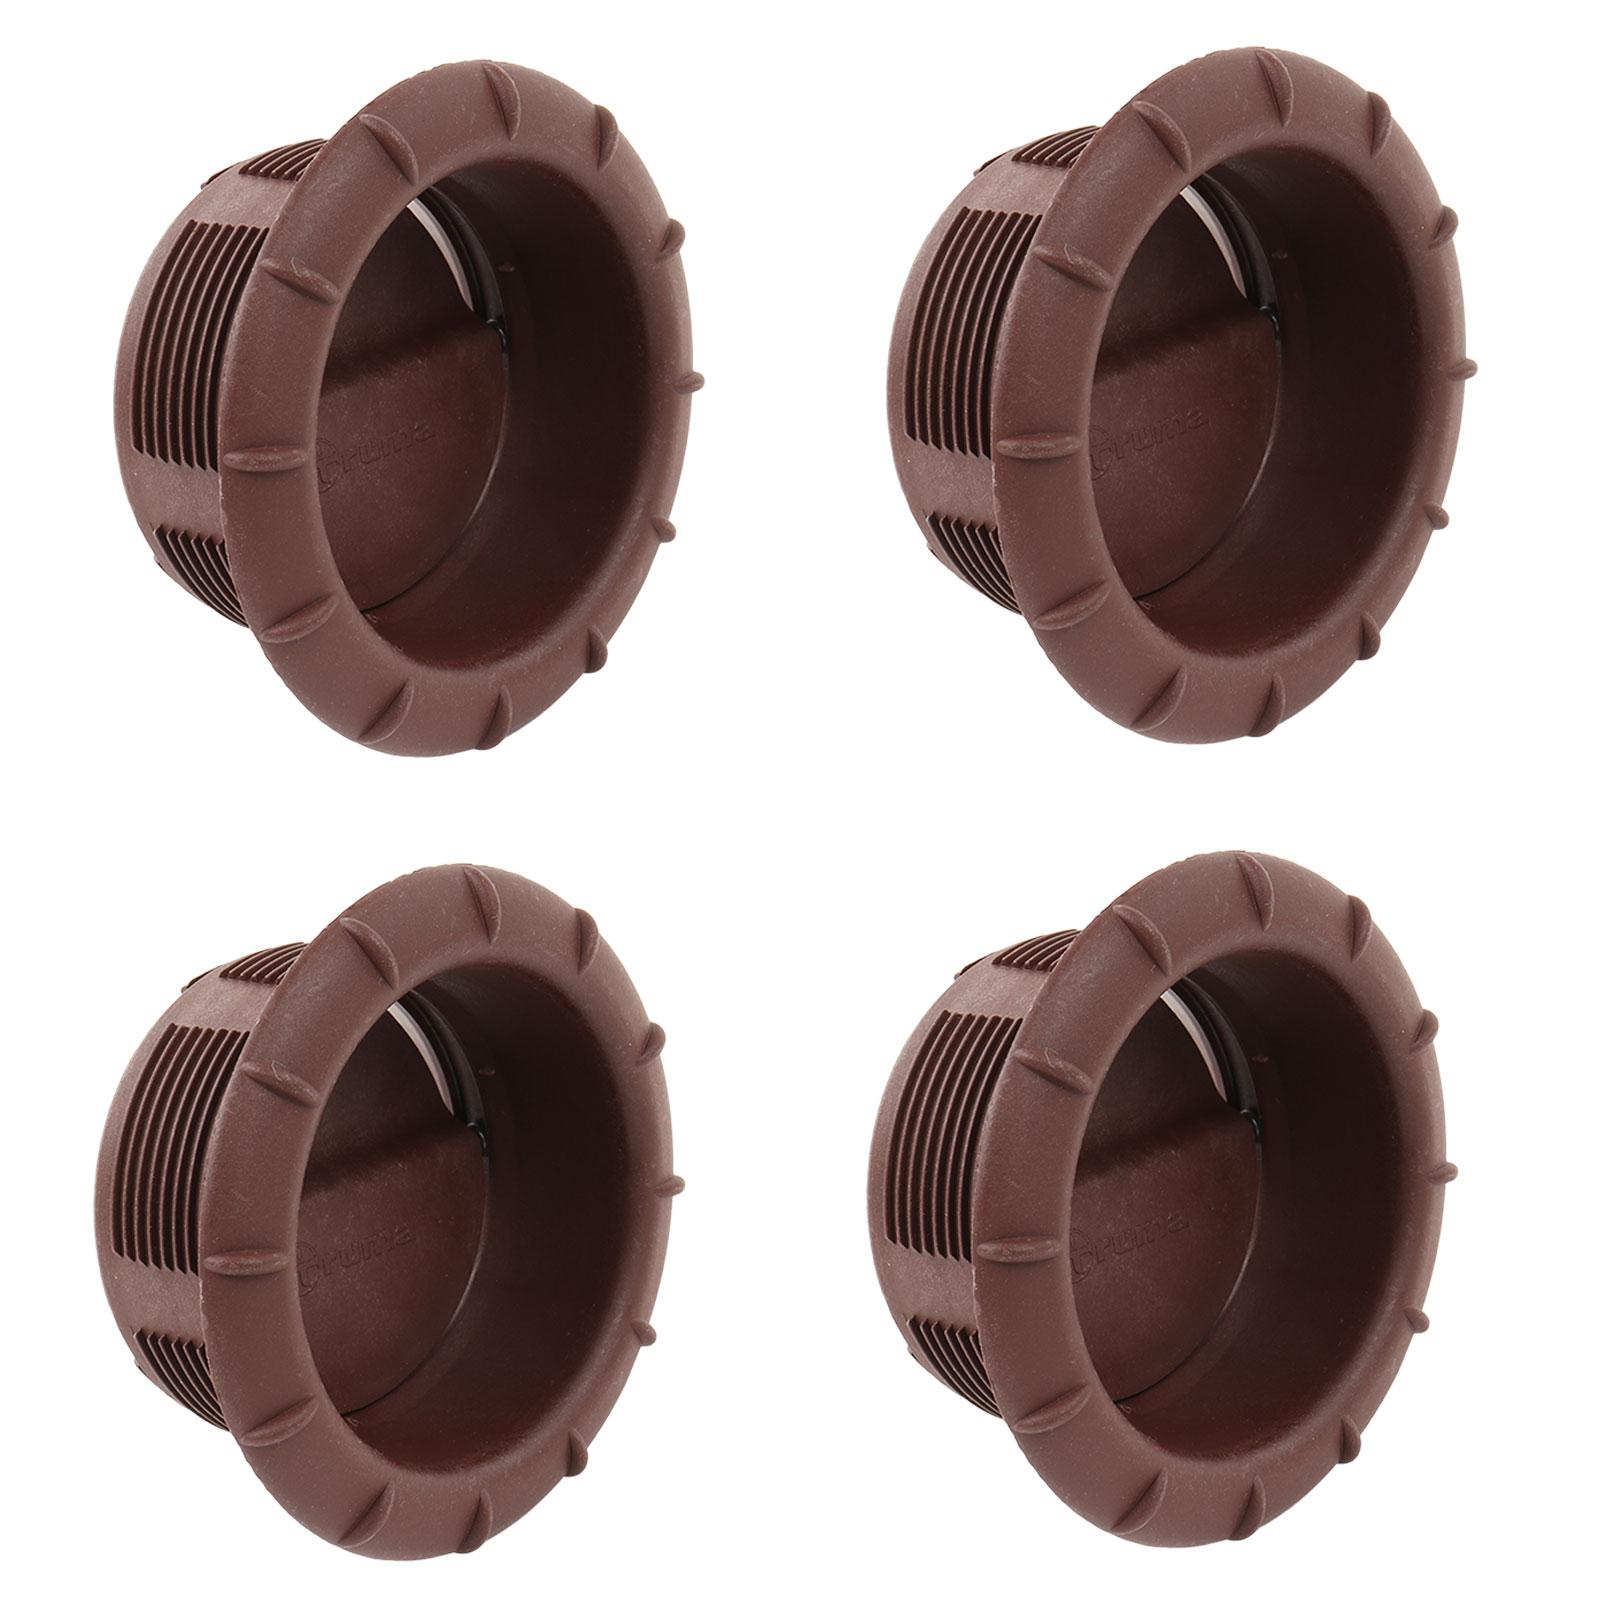 4x Endstück Warmluftaustritt Braun Truma für 65mm Warmluftrohre verschließbar